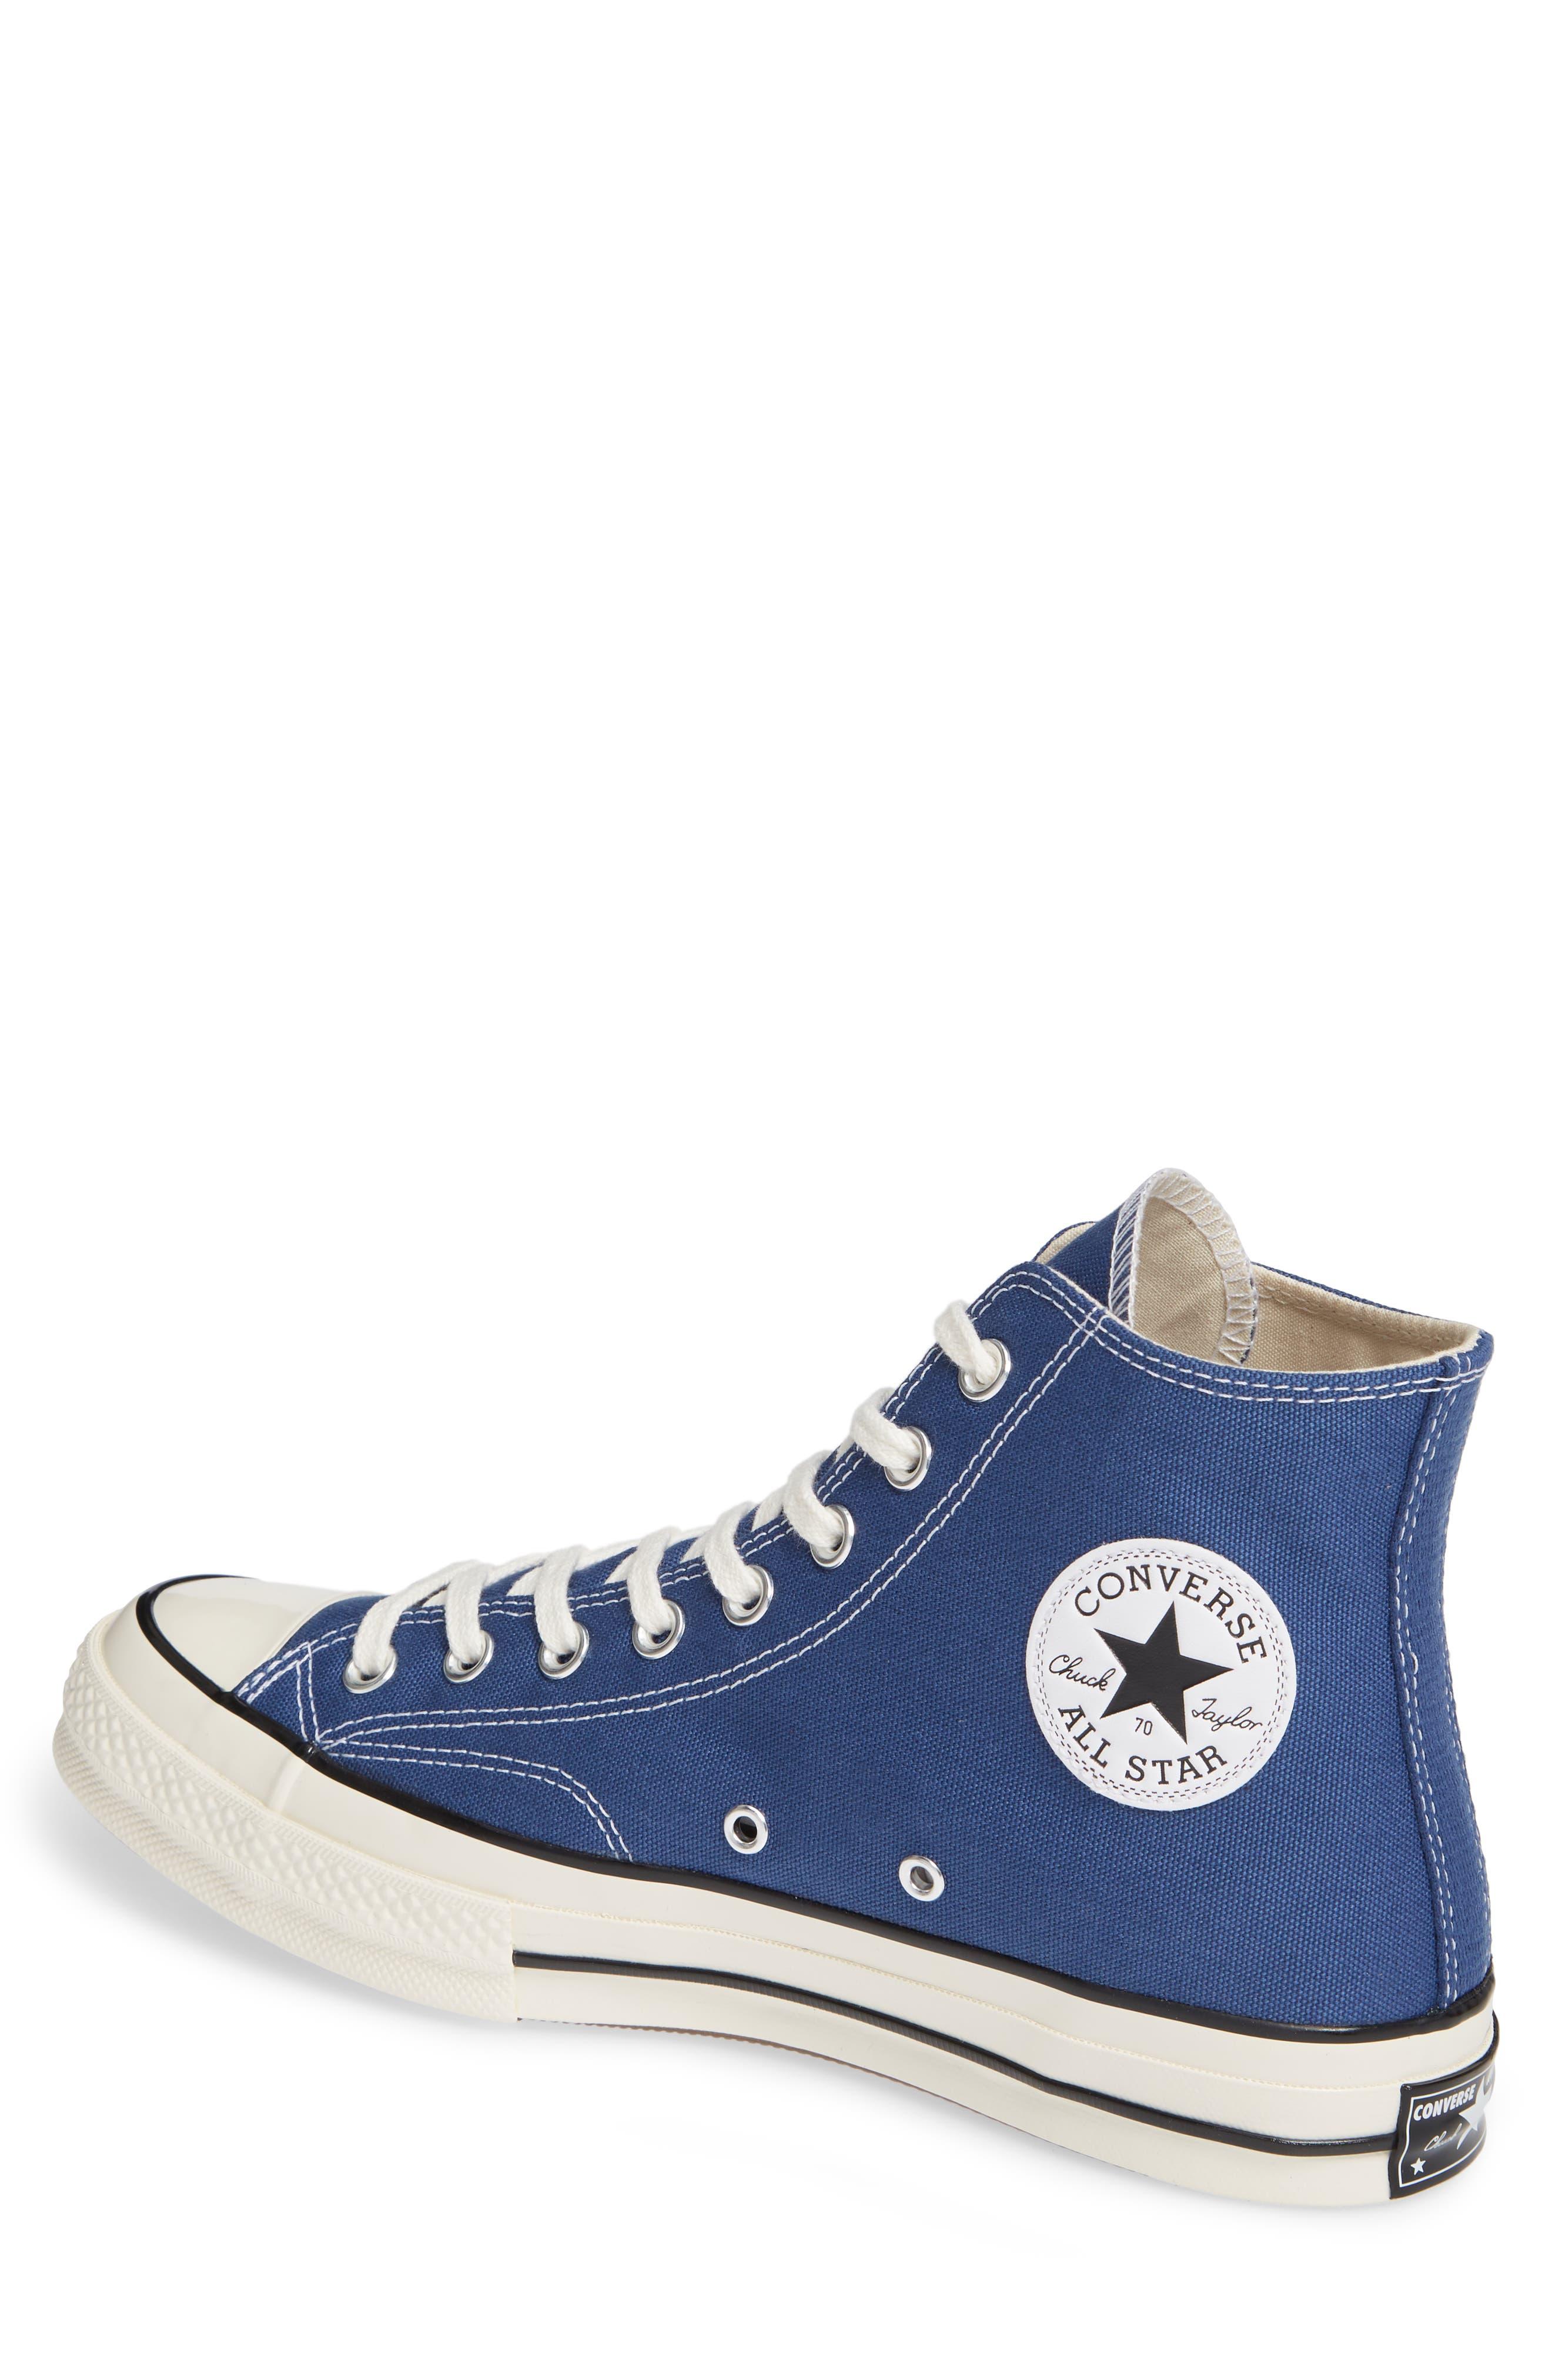 b1e83ed2e8a1be Men s Converse Shoes